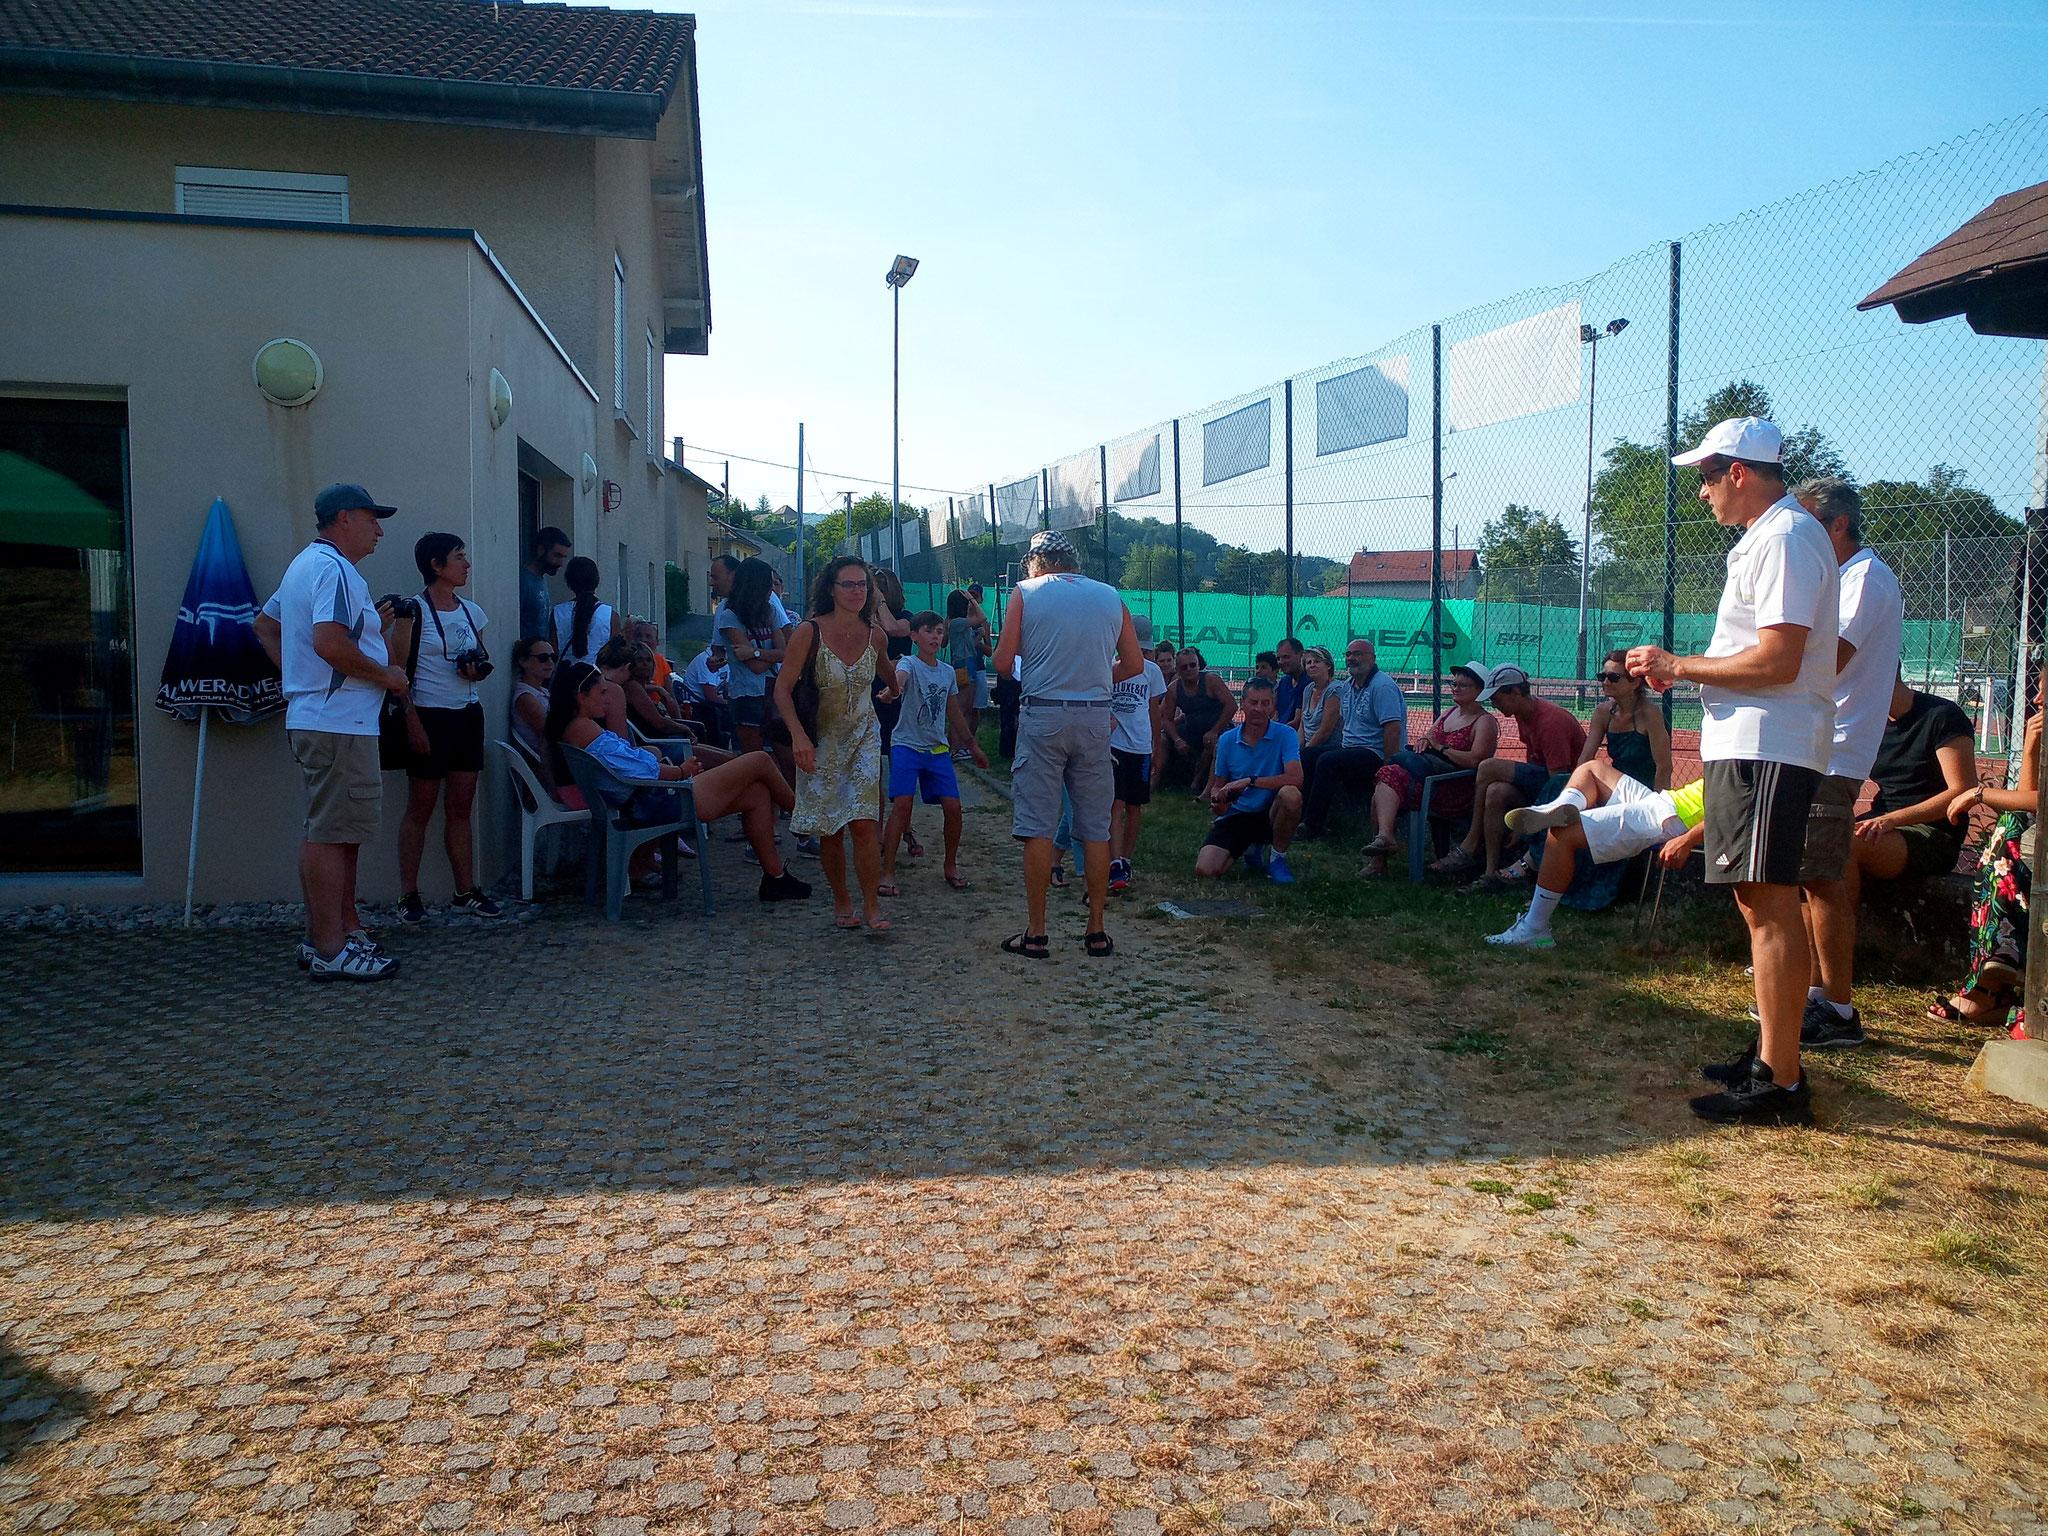 Tennis club du lac - Tennis club du lac